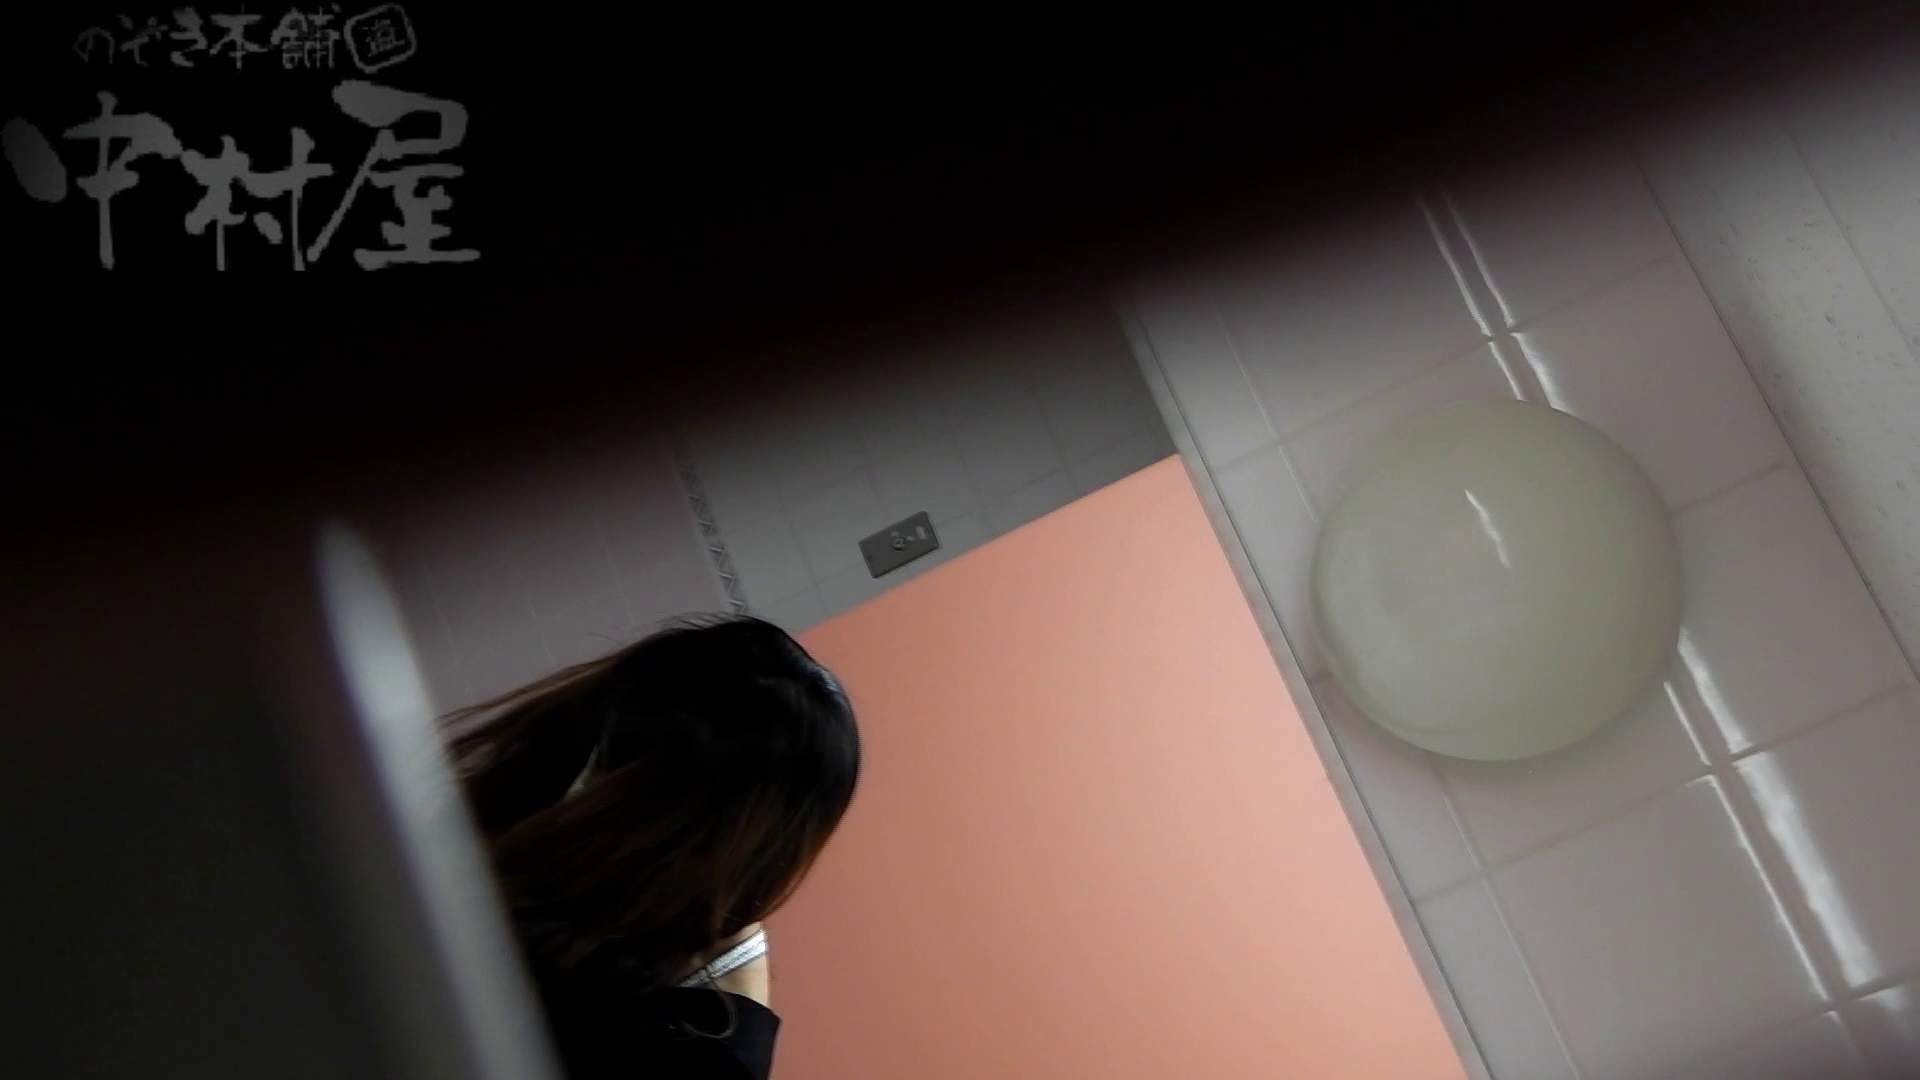 美しい日本の未来 No.35 最長時間更新更に強者登場 放尿編 おまんこ動画流出 108PIX 107